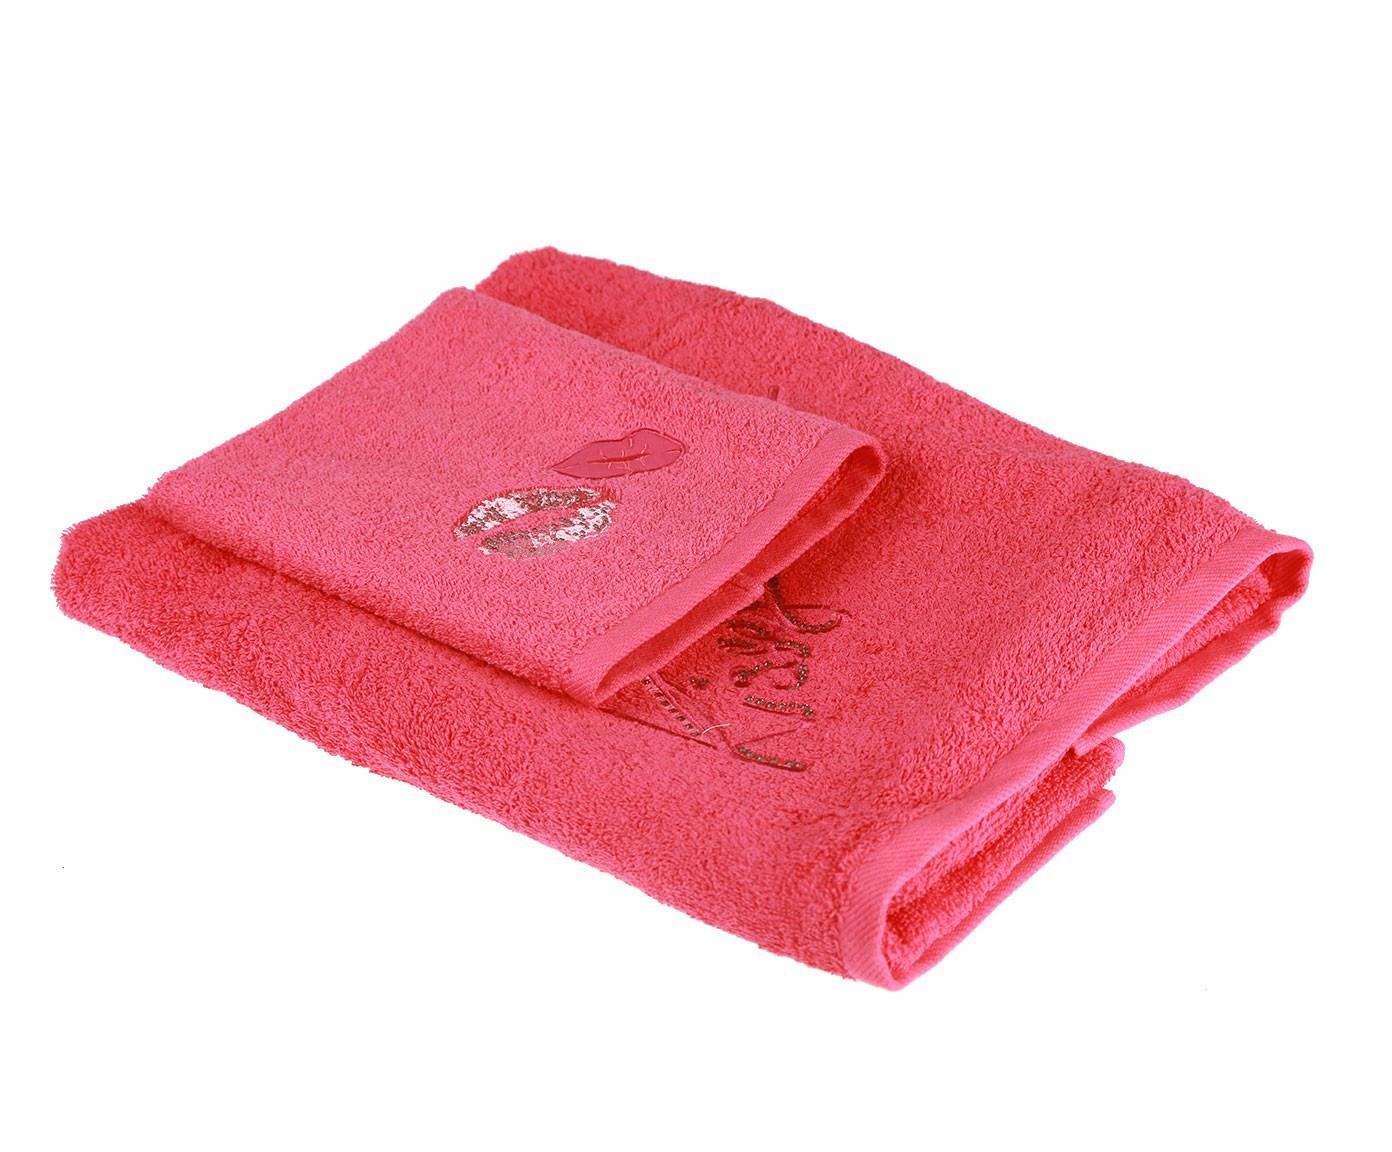 Набор банных полотенец Blumarine Kiss, красный набор банных полотенец blumarine dustin white белый